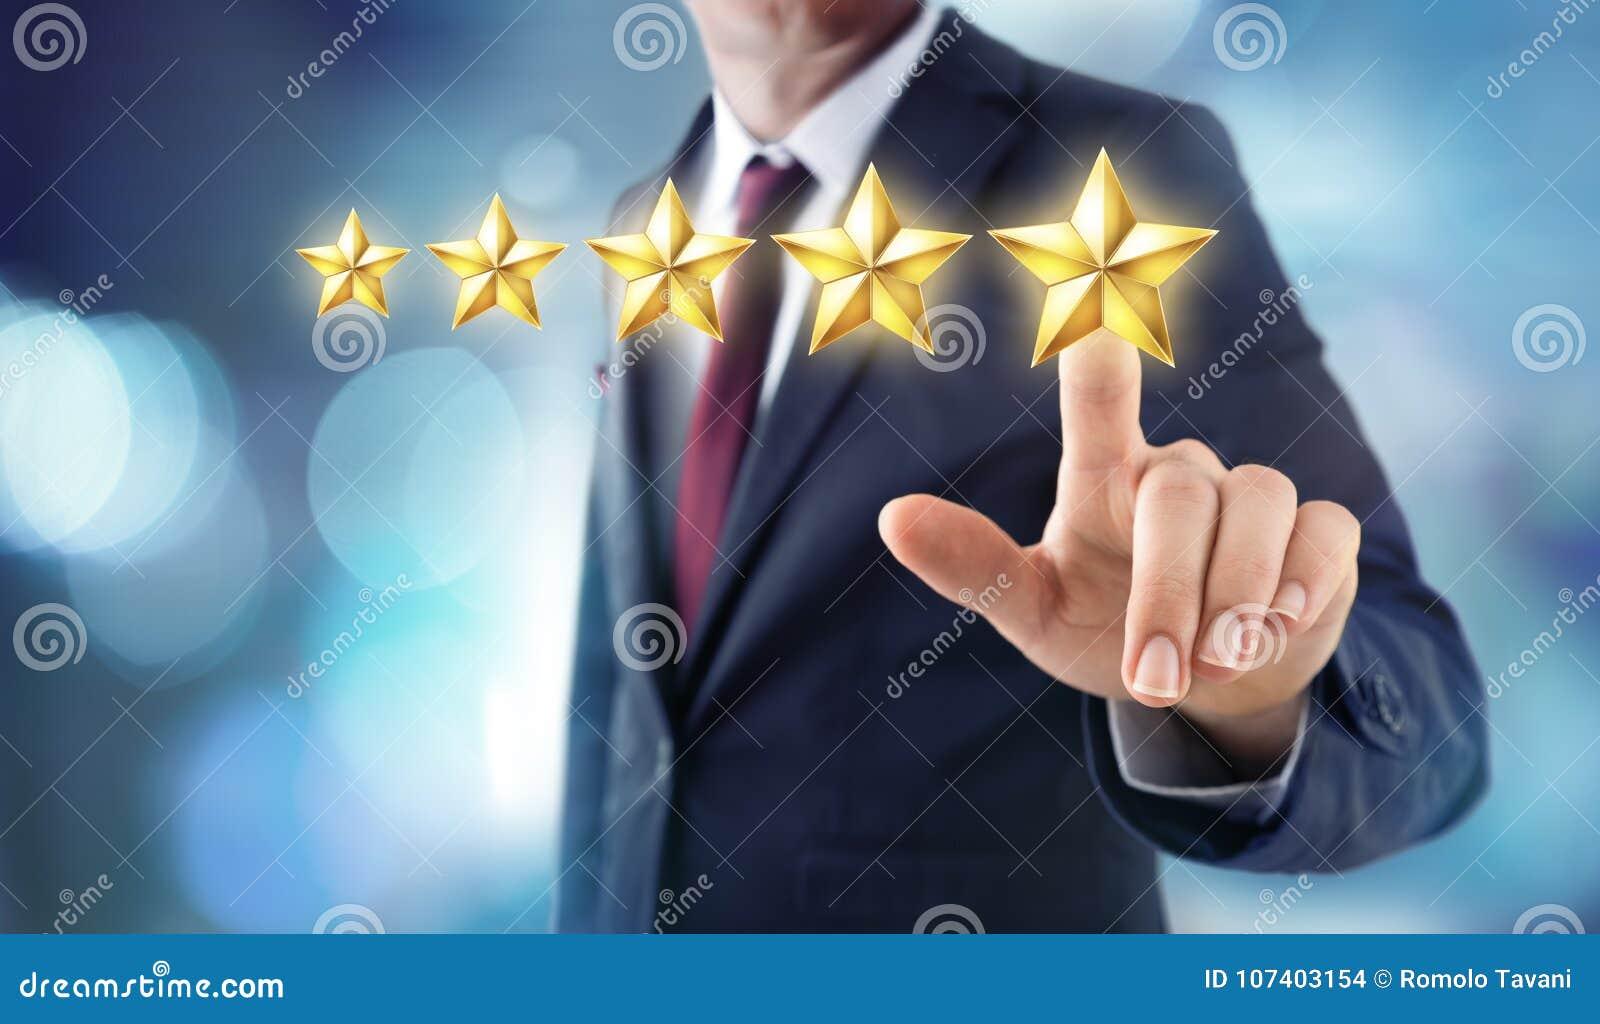 Cinq étoiles évaluant - rétroaction de satisfaction